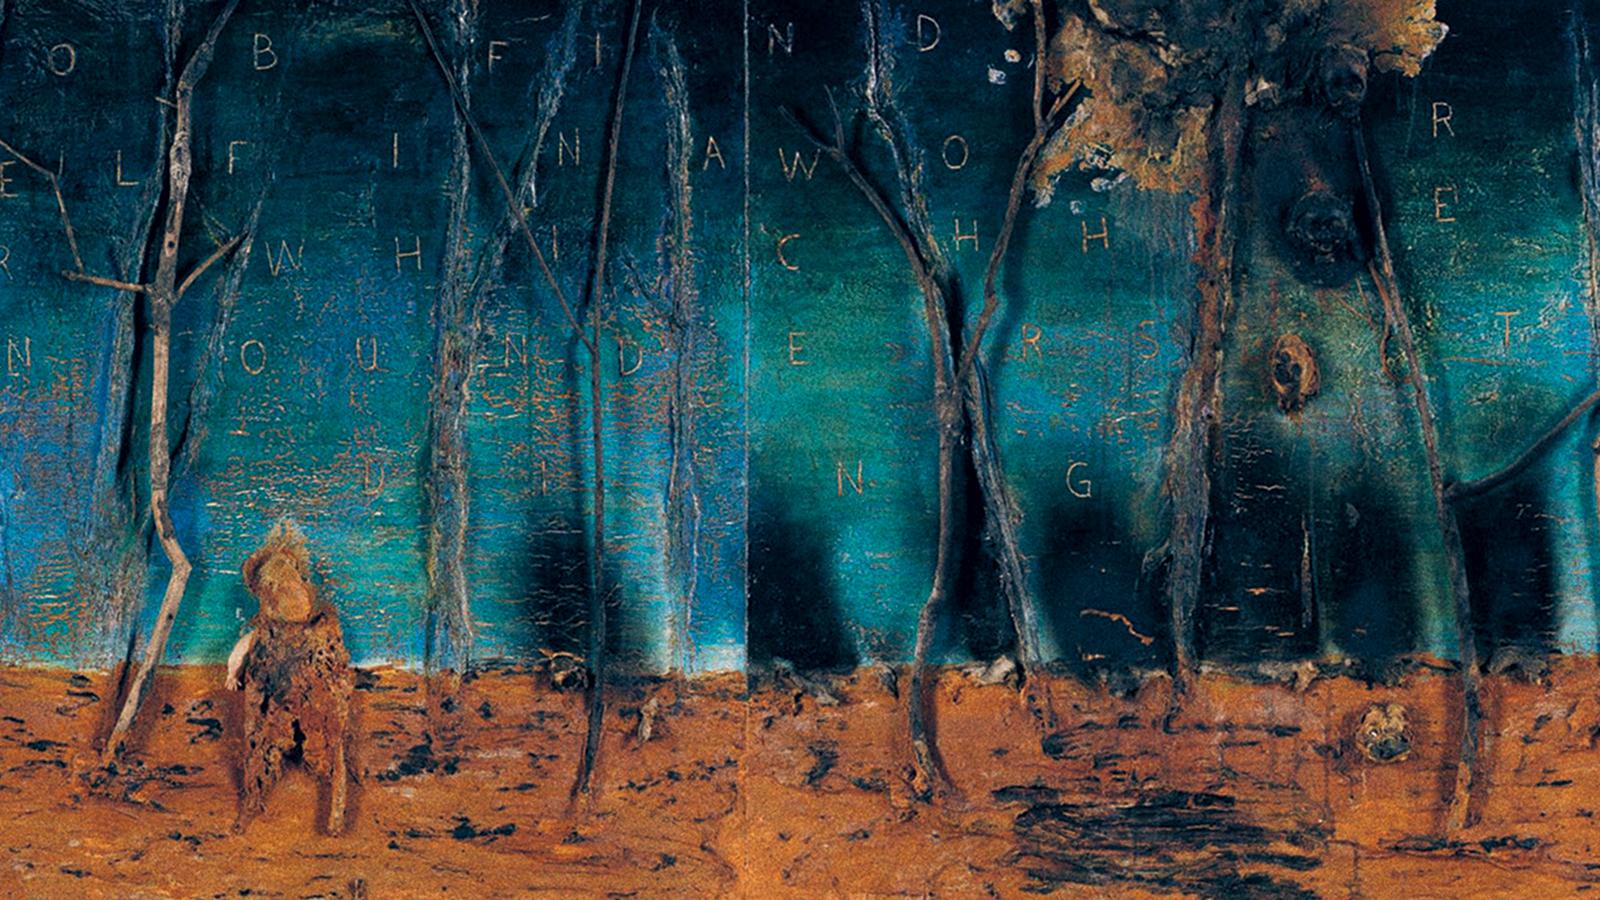 Artwork by David Lynch courtesy David Lynch Foundation